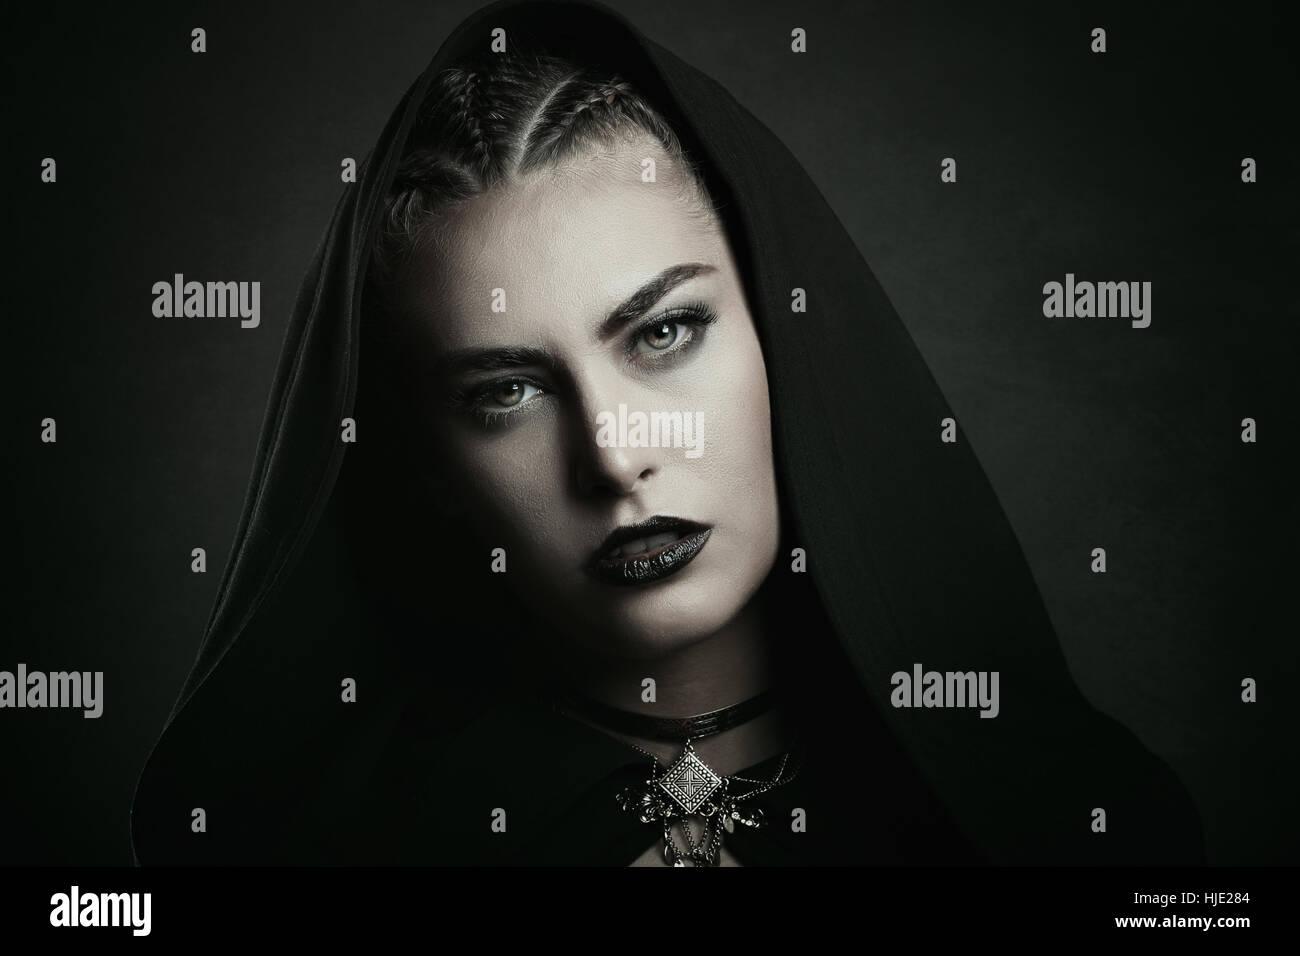 Mujer vampiro con hermosos ojos verdes . Halloween y horror Imagen De Stock